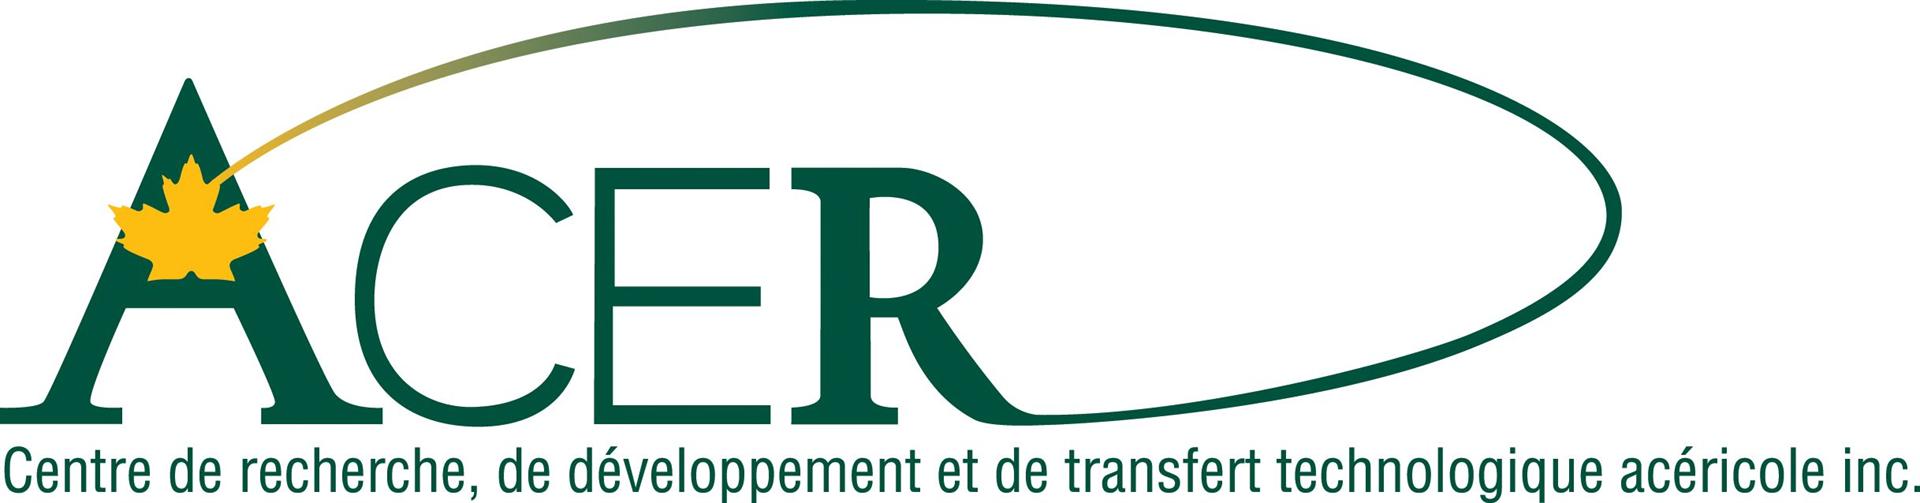 Geneviève Clermont - nouvelle directrice générale du Centre ACER